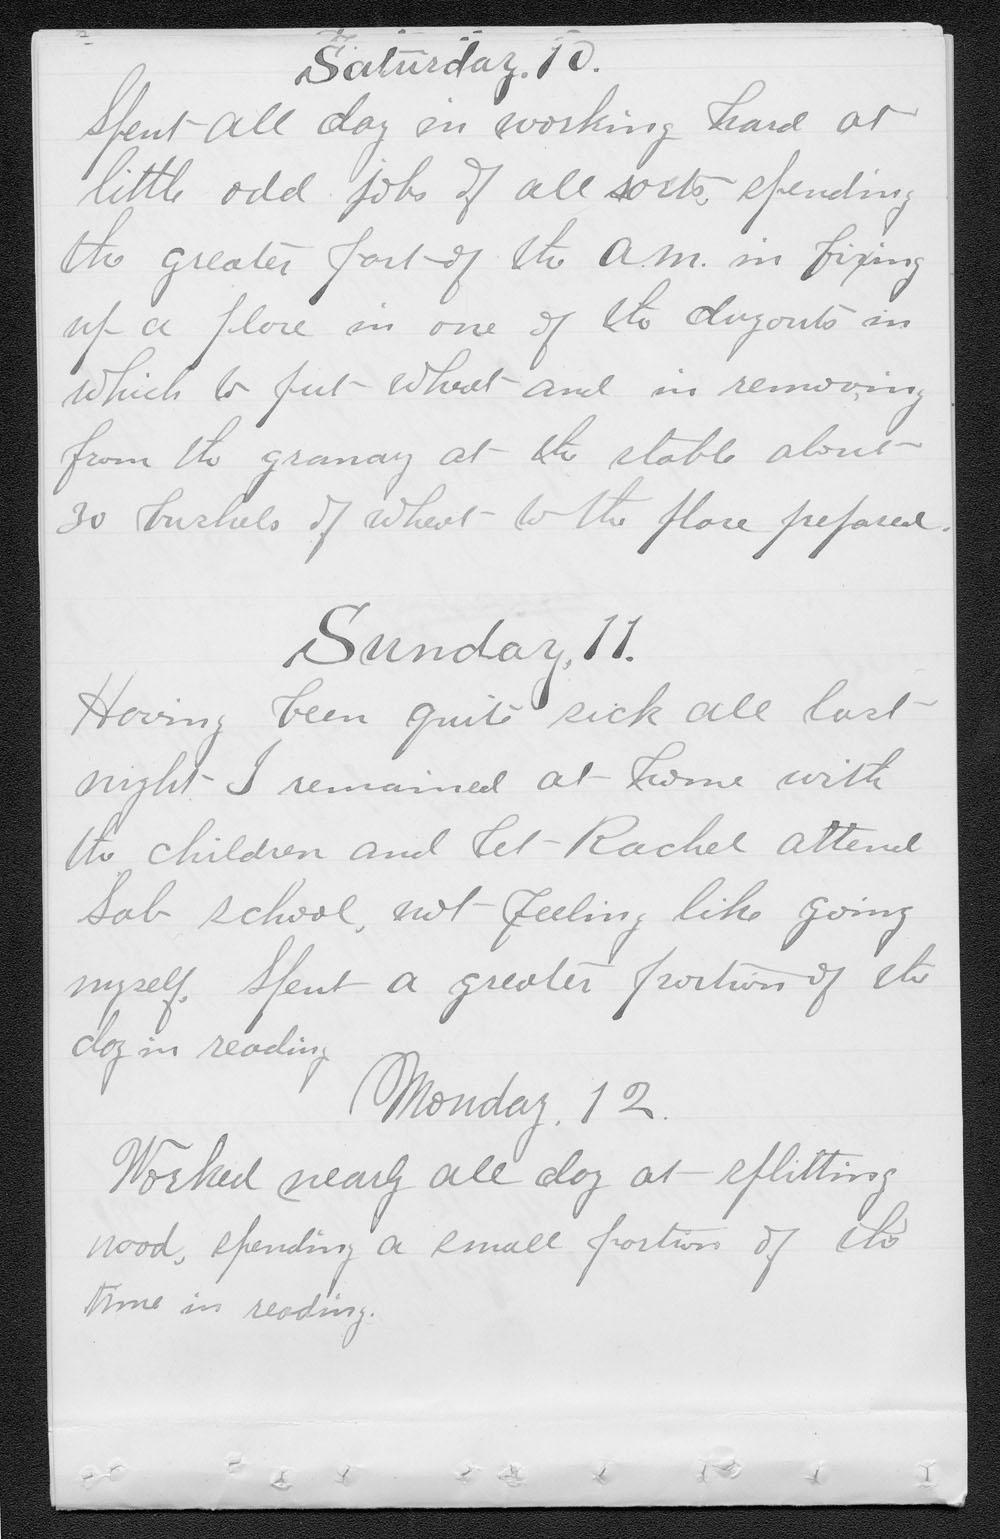 Elam Bartholomew diary - Jan 10, 1880